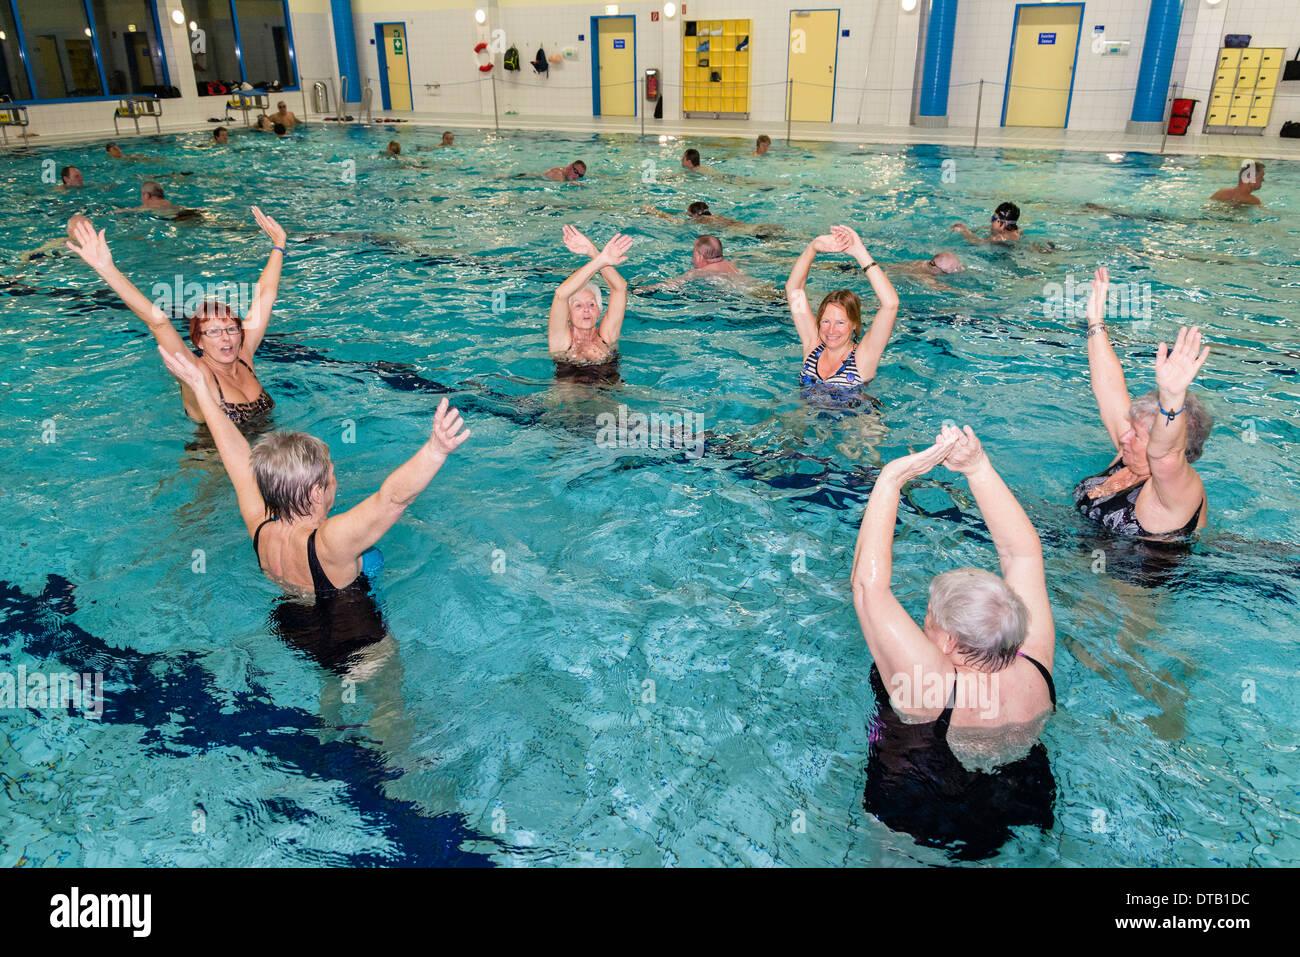 Un grupo de mujeres prácticas gimnasia acuática en una piscina. Imagen De Stock